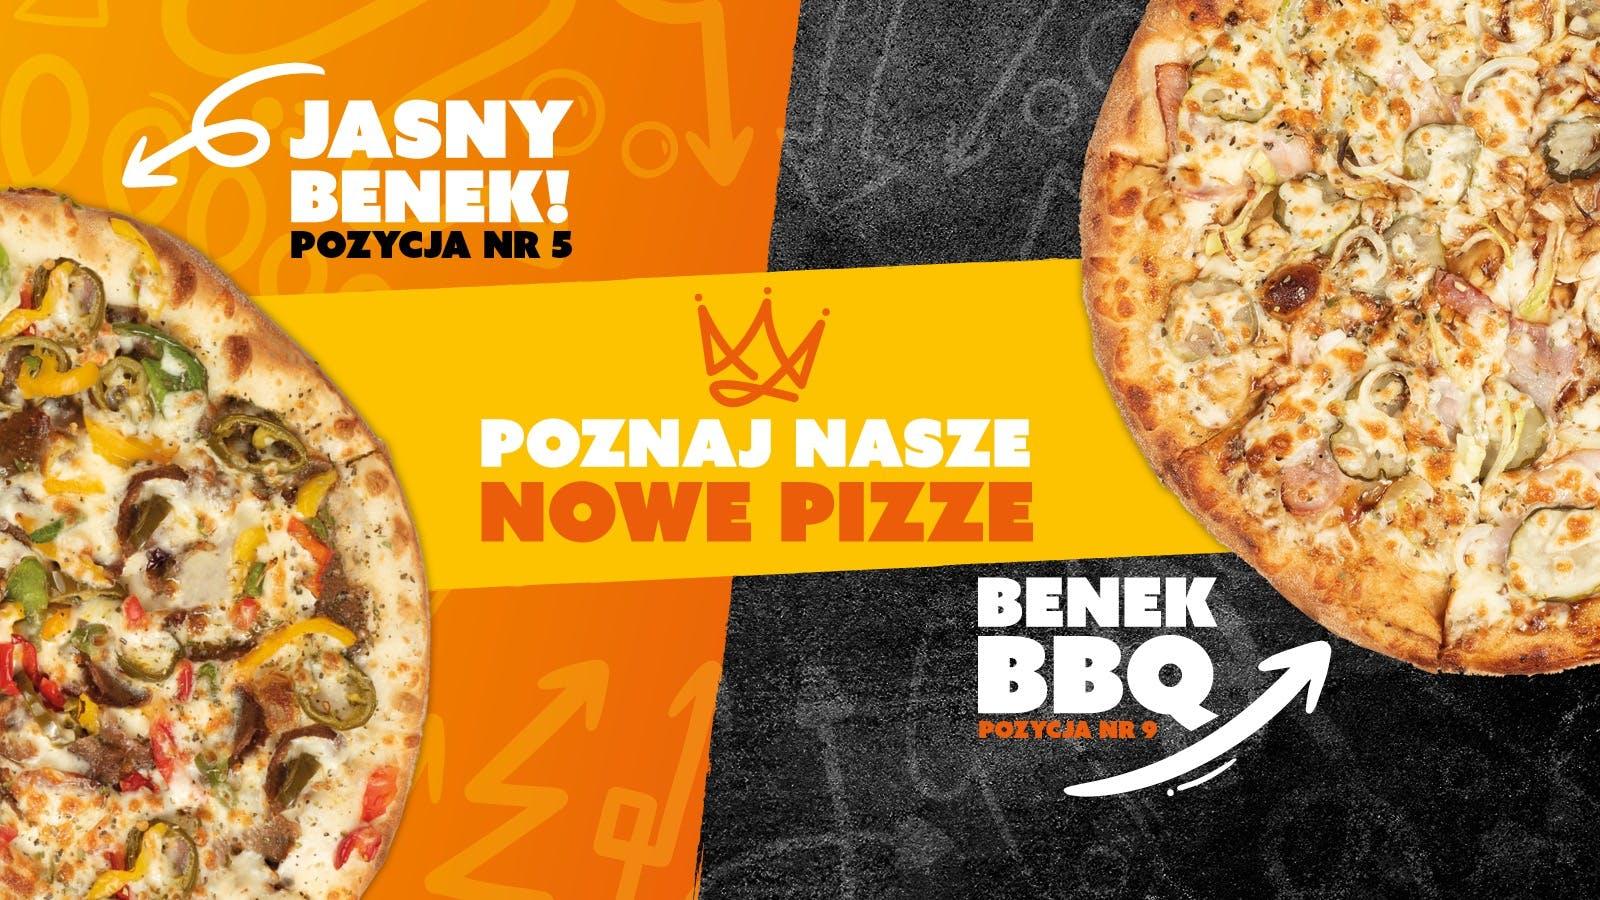 Nowe pizze